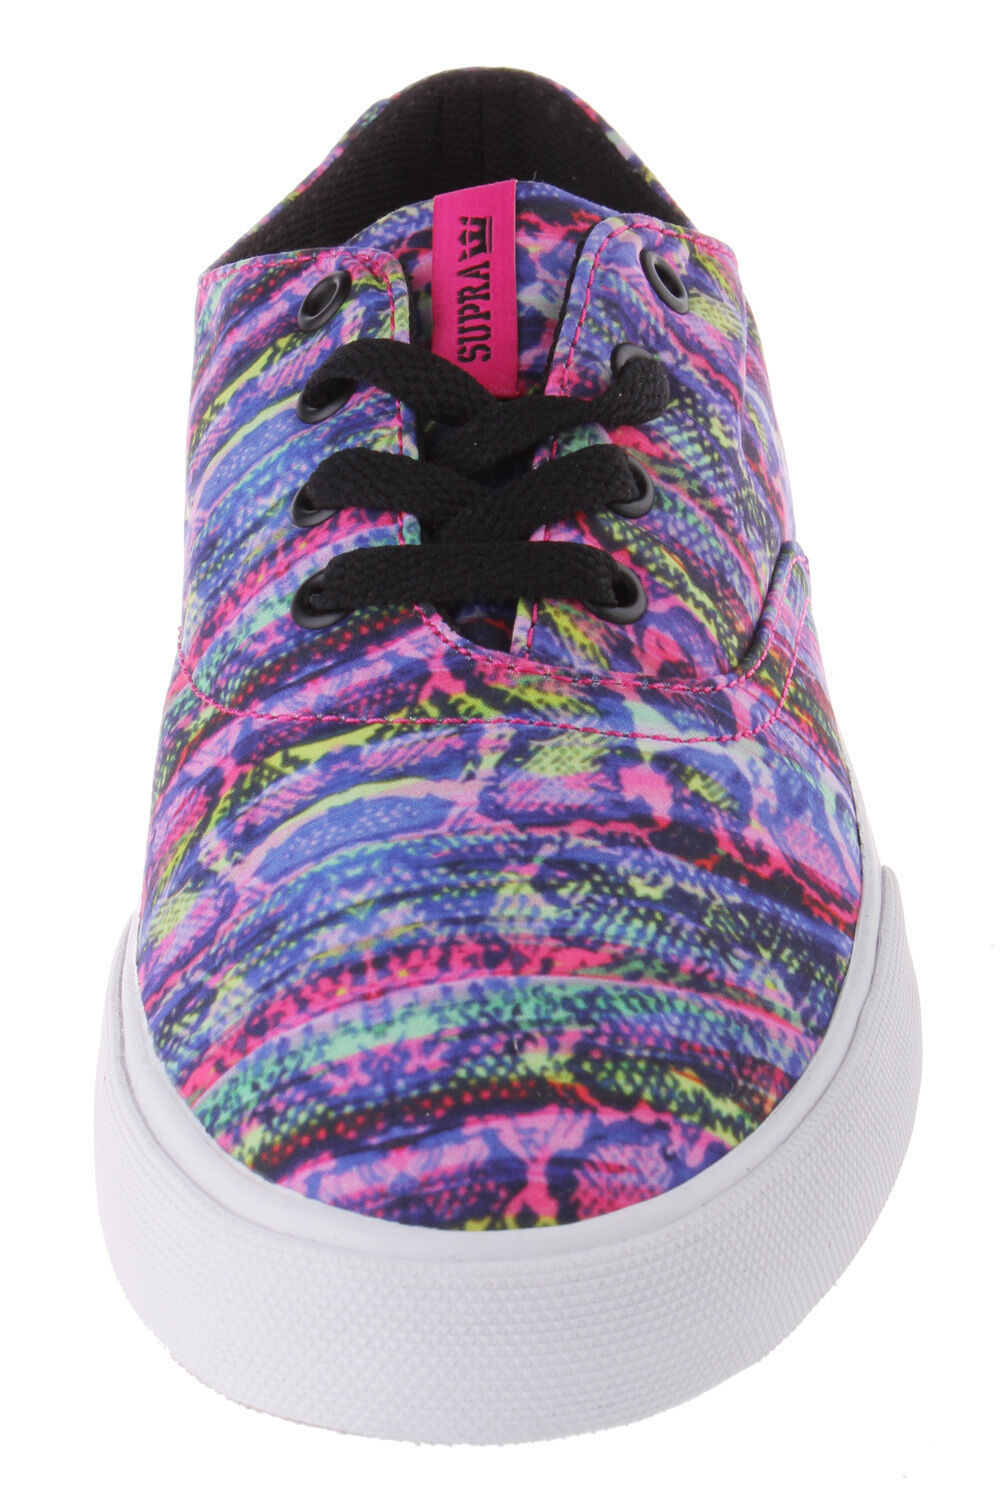 Supra Womens Wrap The Art De Maurizio Molin Gym Skate Chaussures Mode Basket Nib